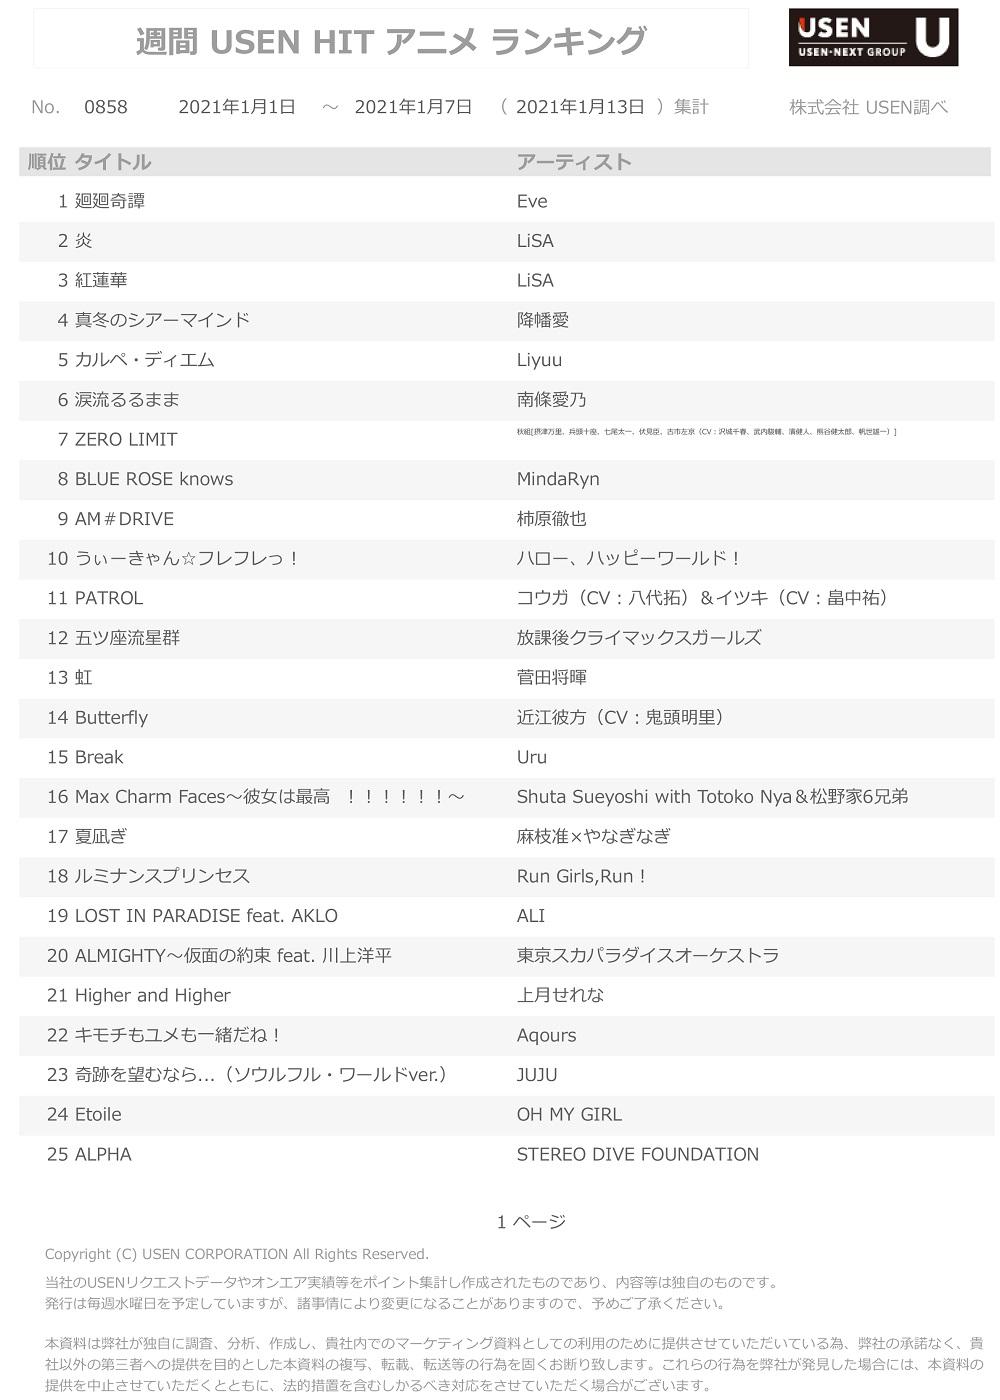 1月13日集計分 USEN HIT アニメランキング